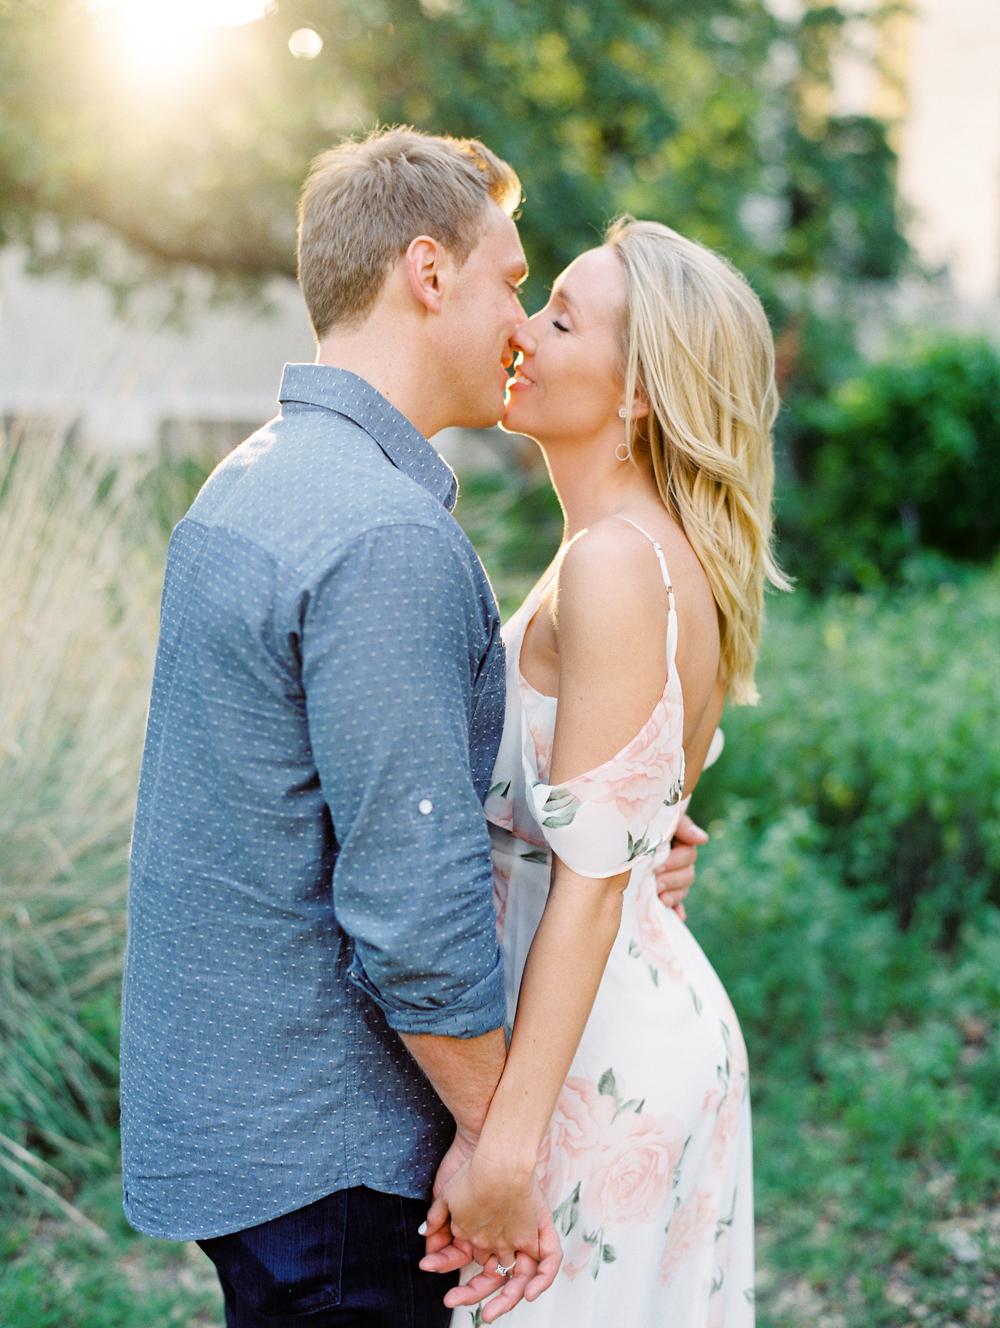 Best-Austin-Denver-California-Wedding-Photographers-fine-art-film-Engagement-Session-81.jpg